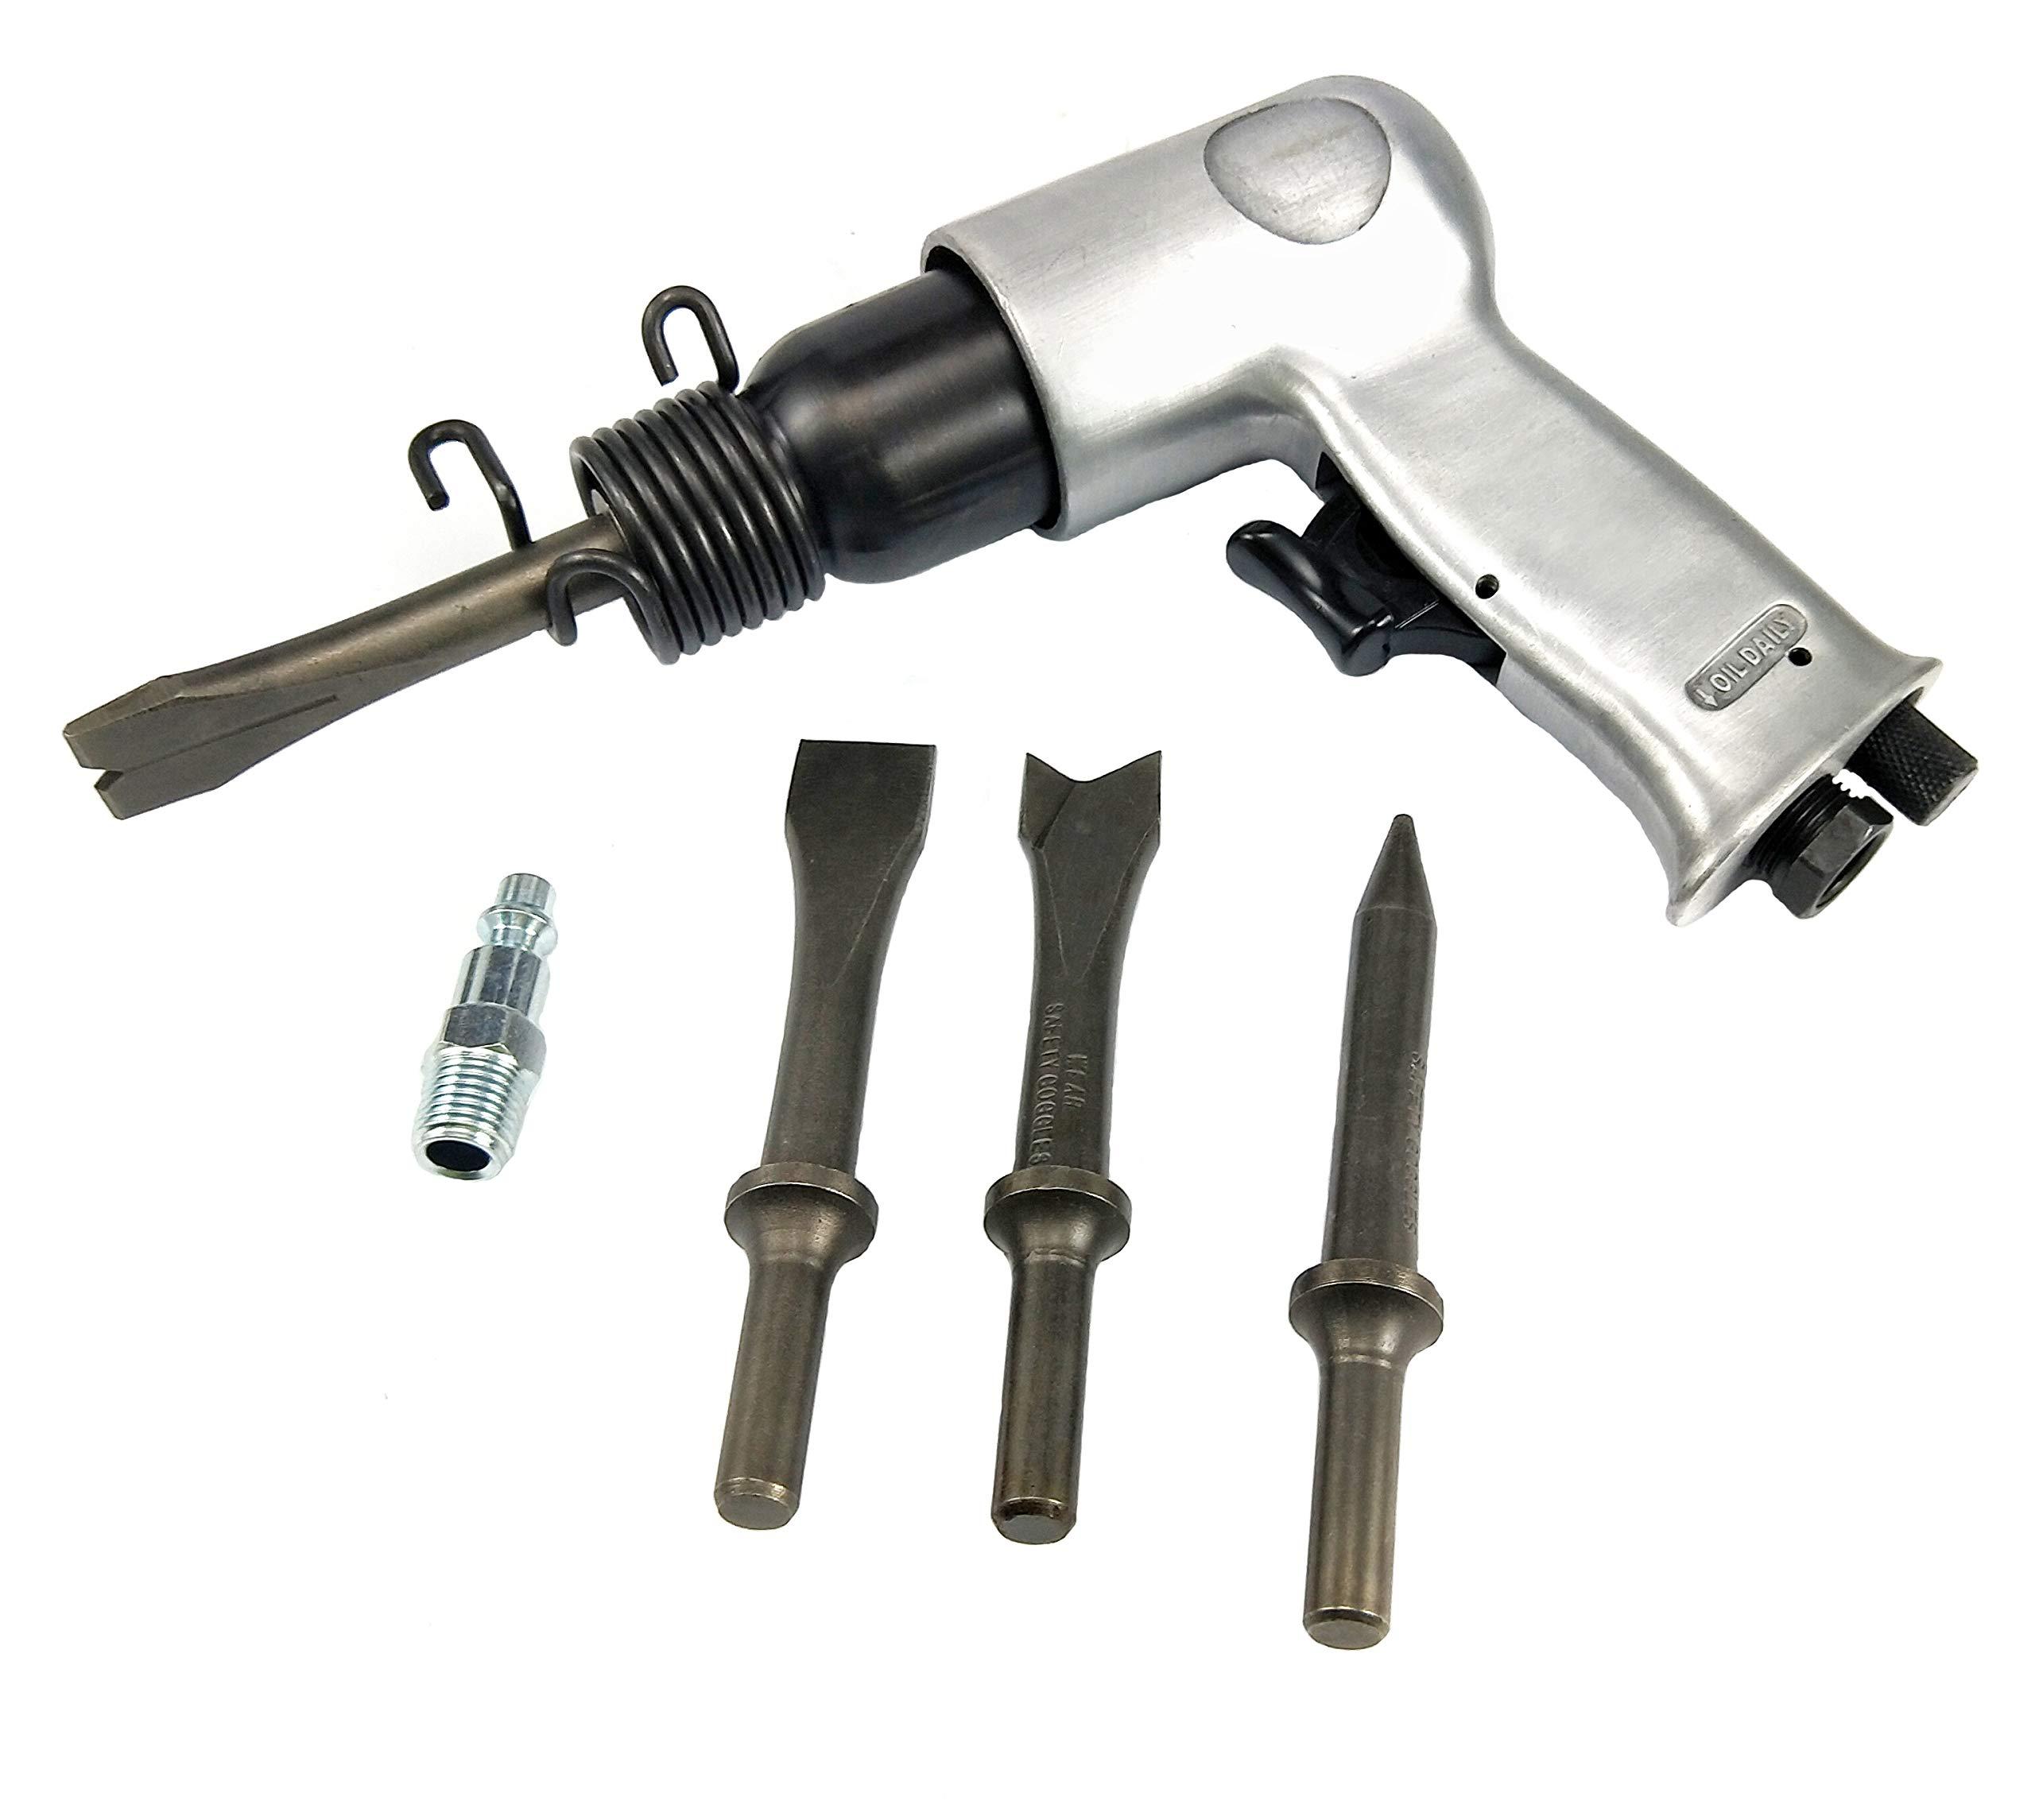 Dynamic Power Short Barrel Air Hammer Kit 4-Chisels D319115-SA